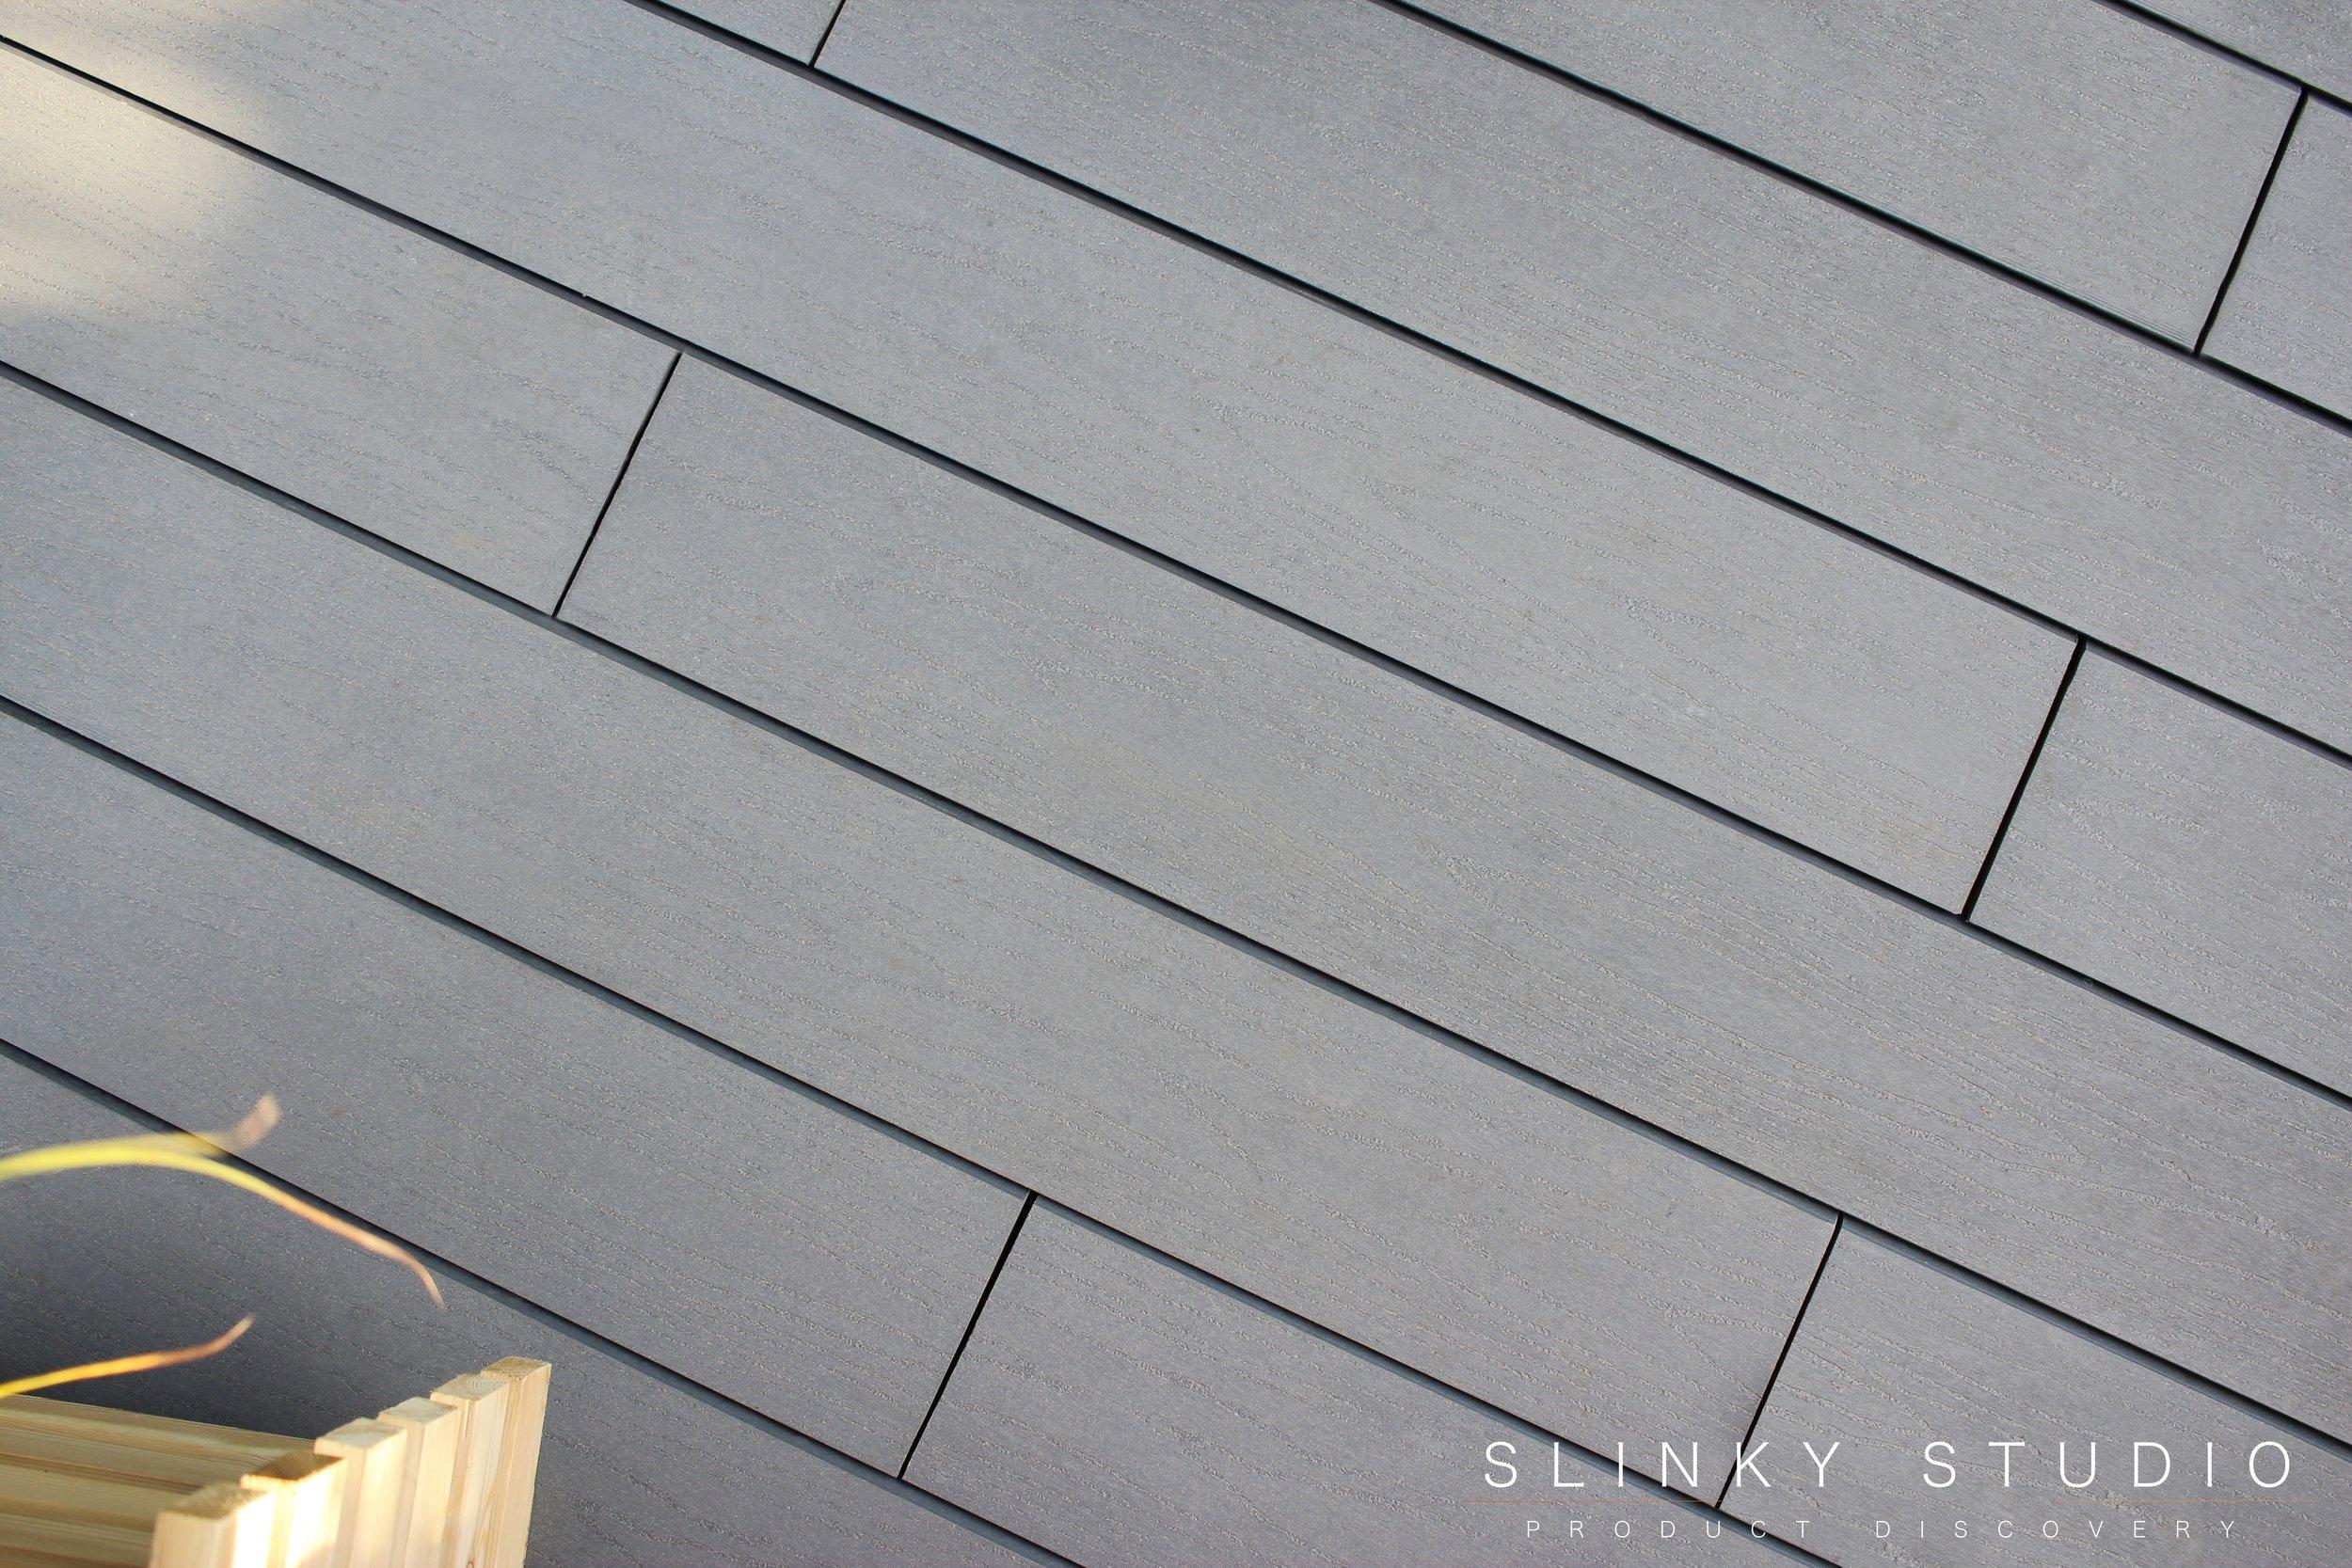 Havwoods Trekker Composite Designer Decking Vulcan Grey Above View Texture Grain.jpg